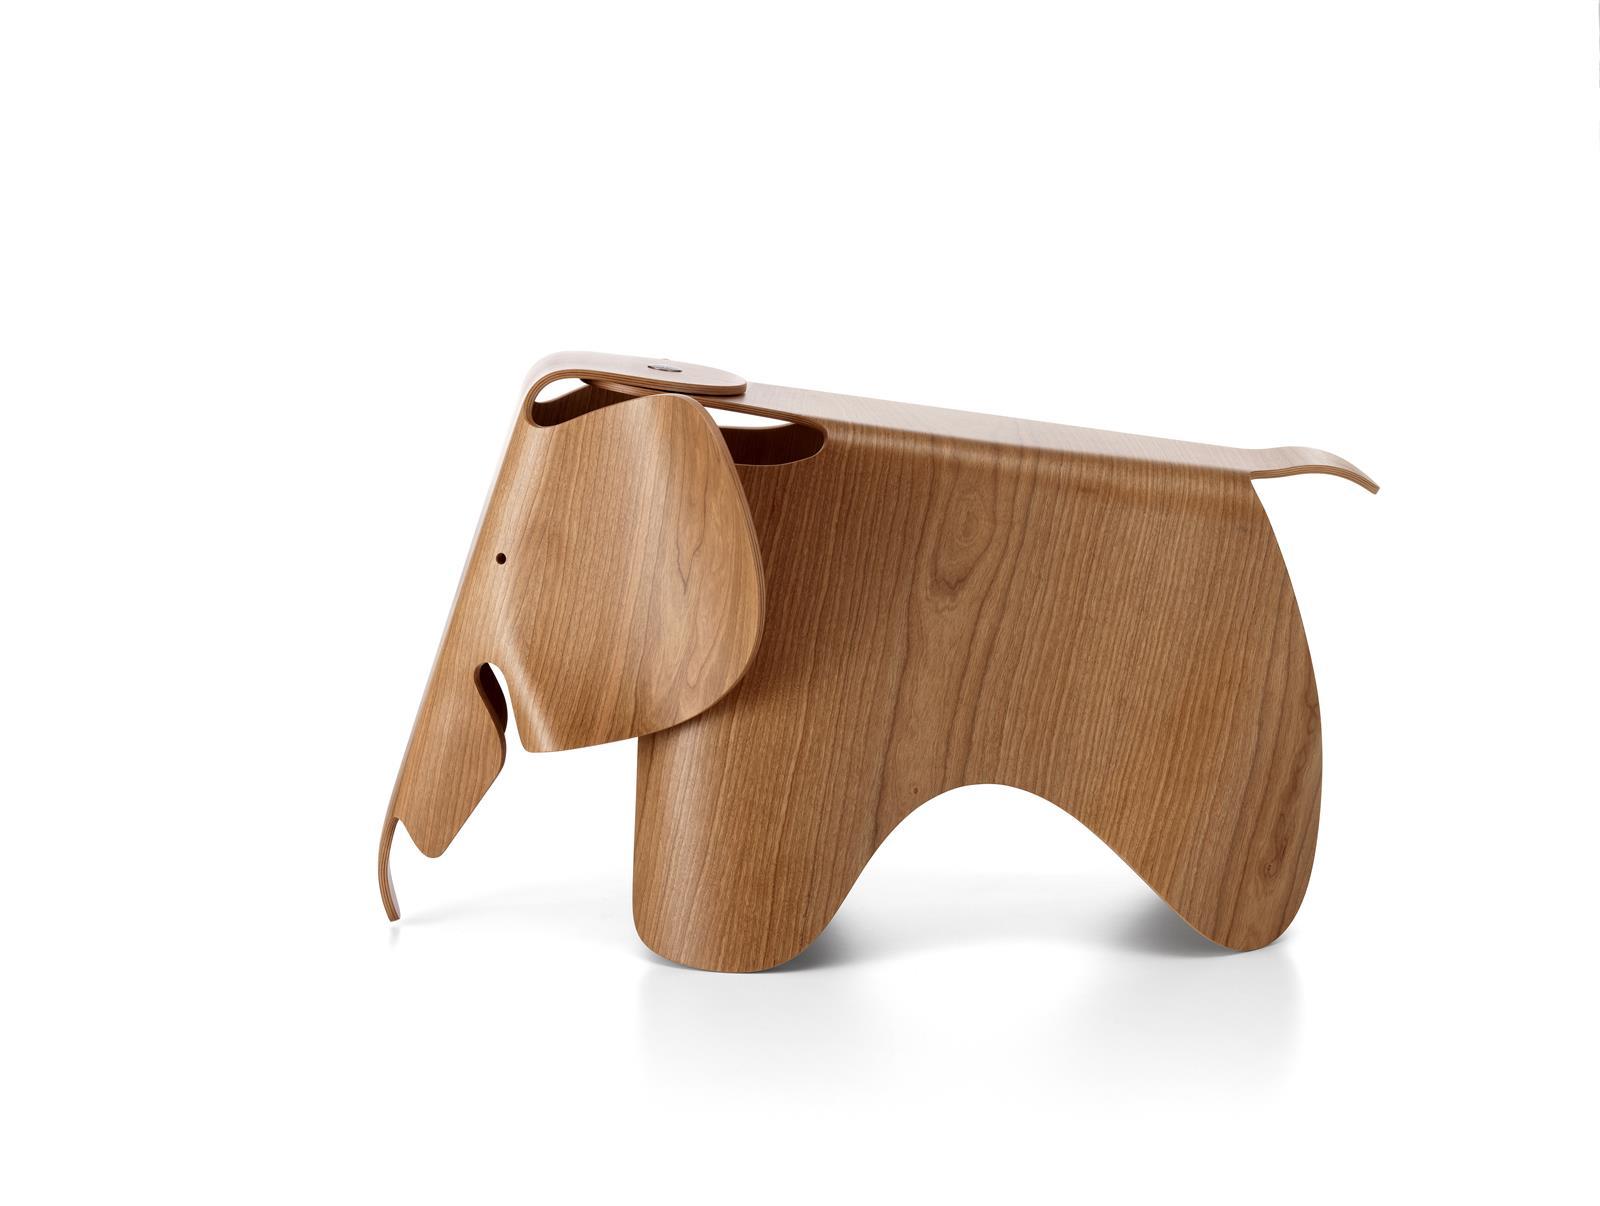 Hocker eames elephant plywood kirschbaum von vitra for Design lampen nachbau